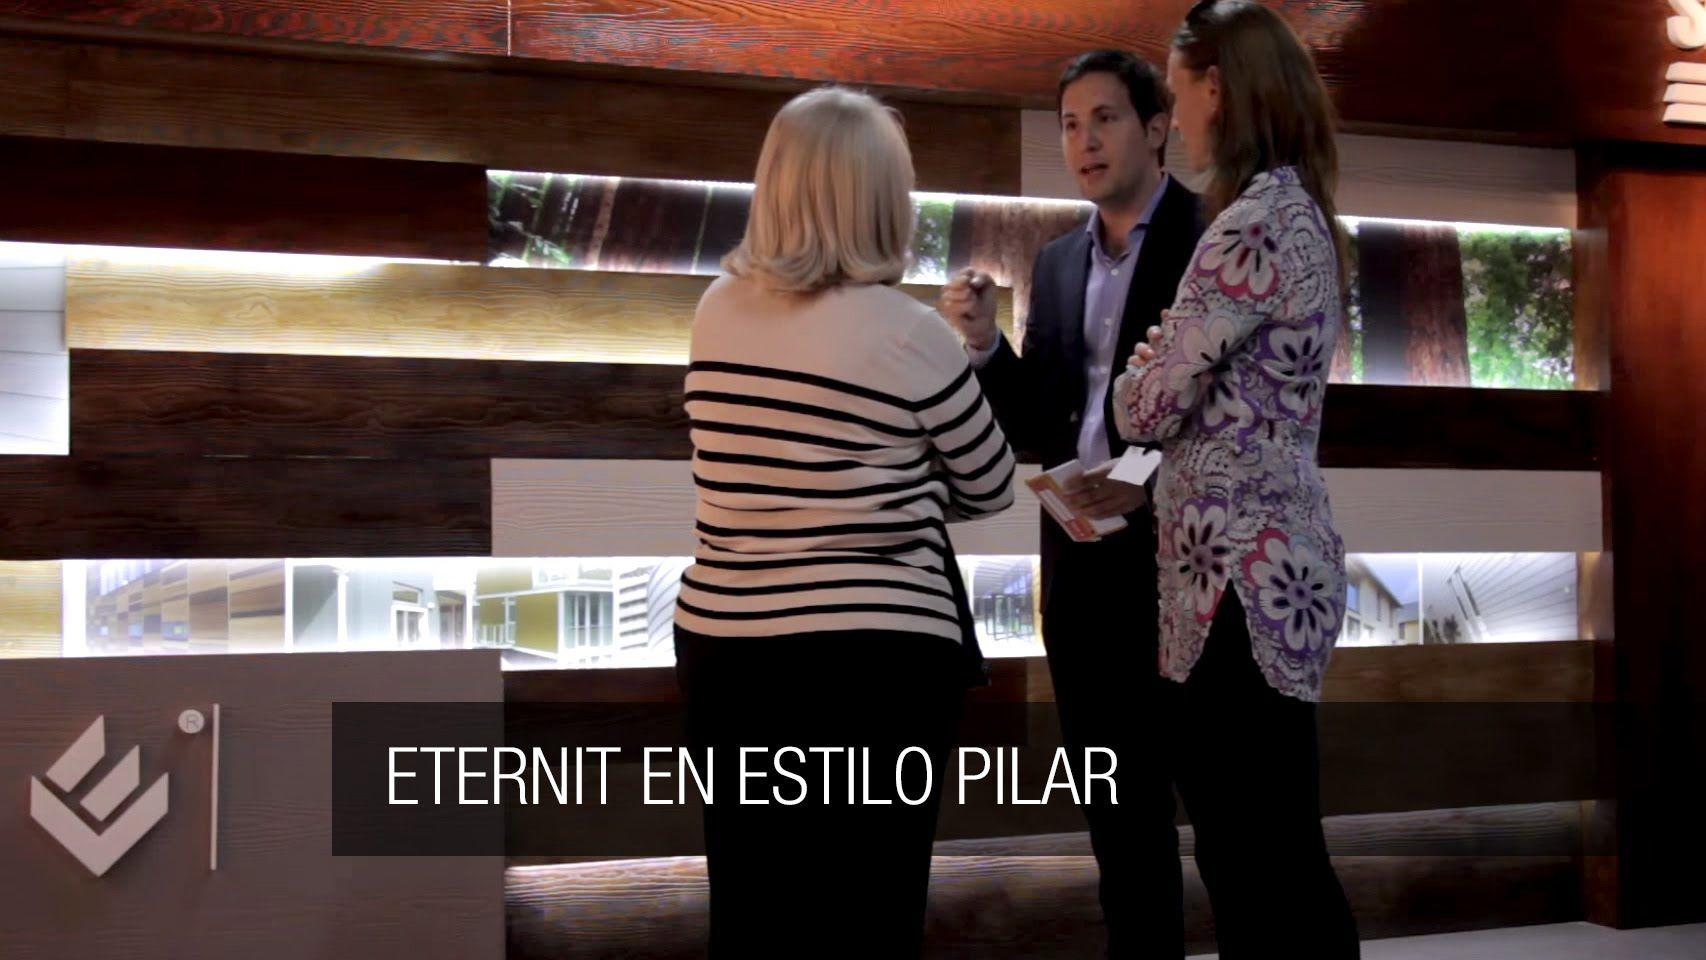 """Eternit® participa en Estilo Pilar """"Viví tu Sueño"""". Mirá las #ambientaciones con nuestros productos."""